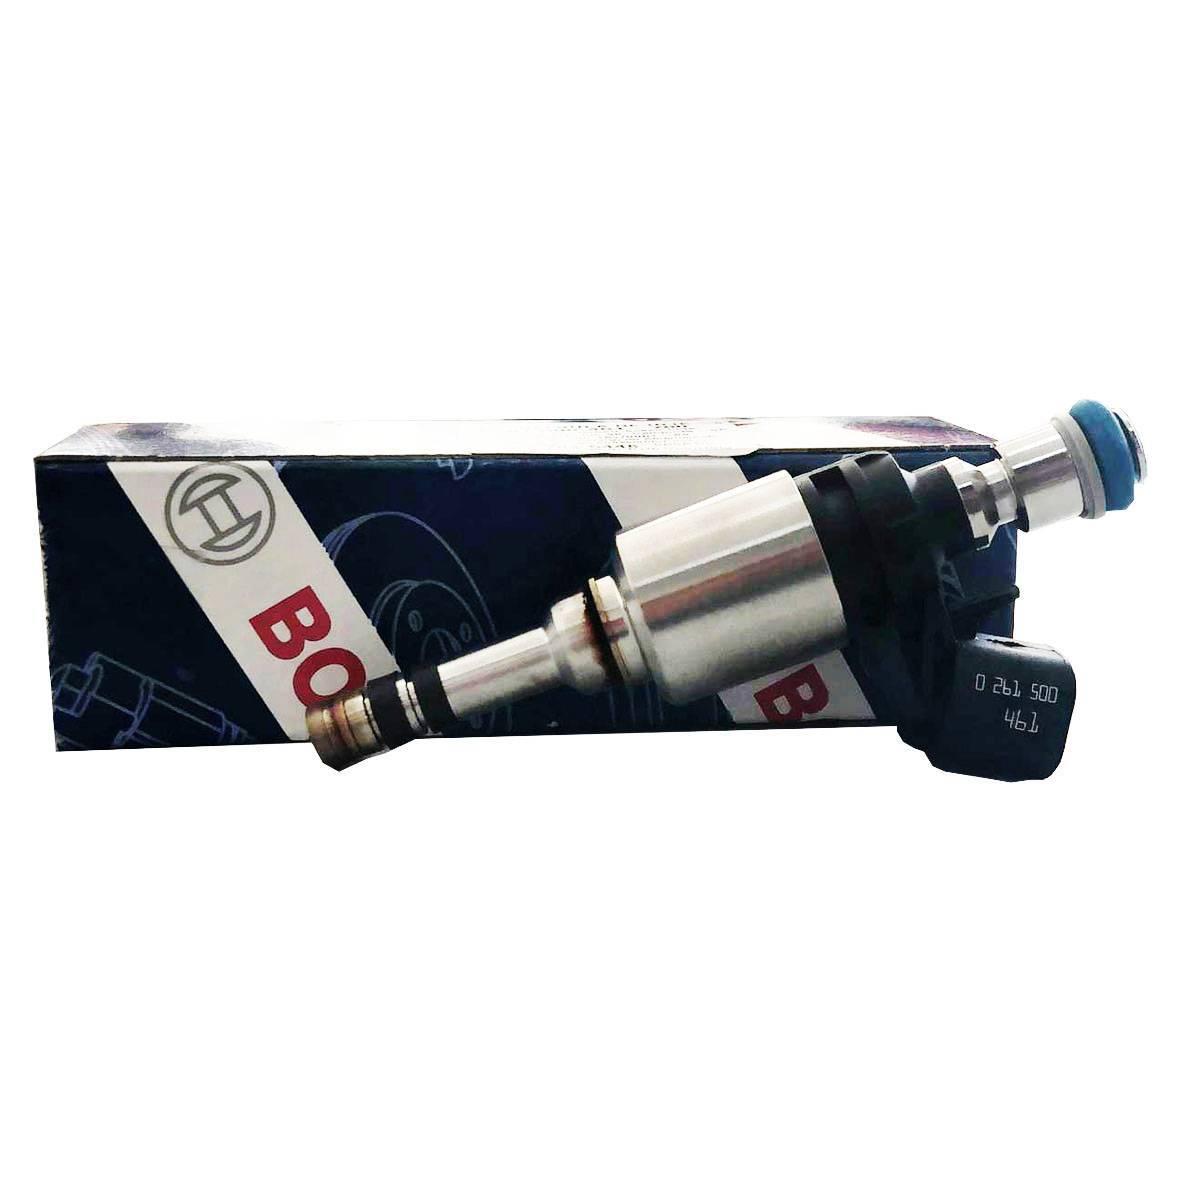 Bico Injetor S10 2.5 Ecotec Flex 2014 a 2020 - Casa do Injetor